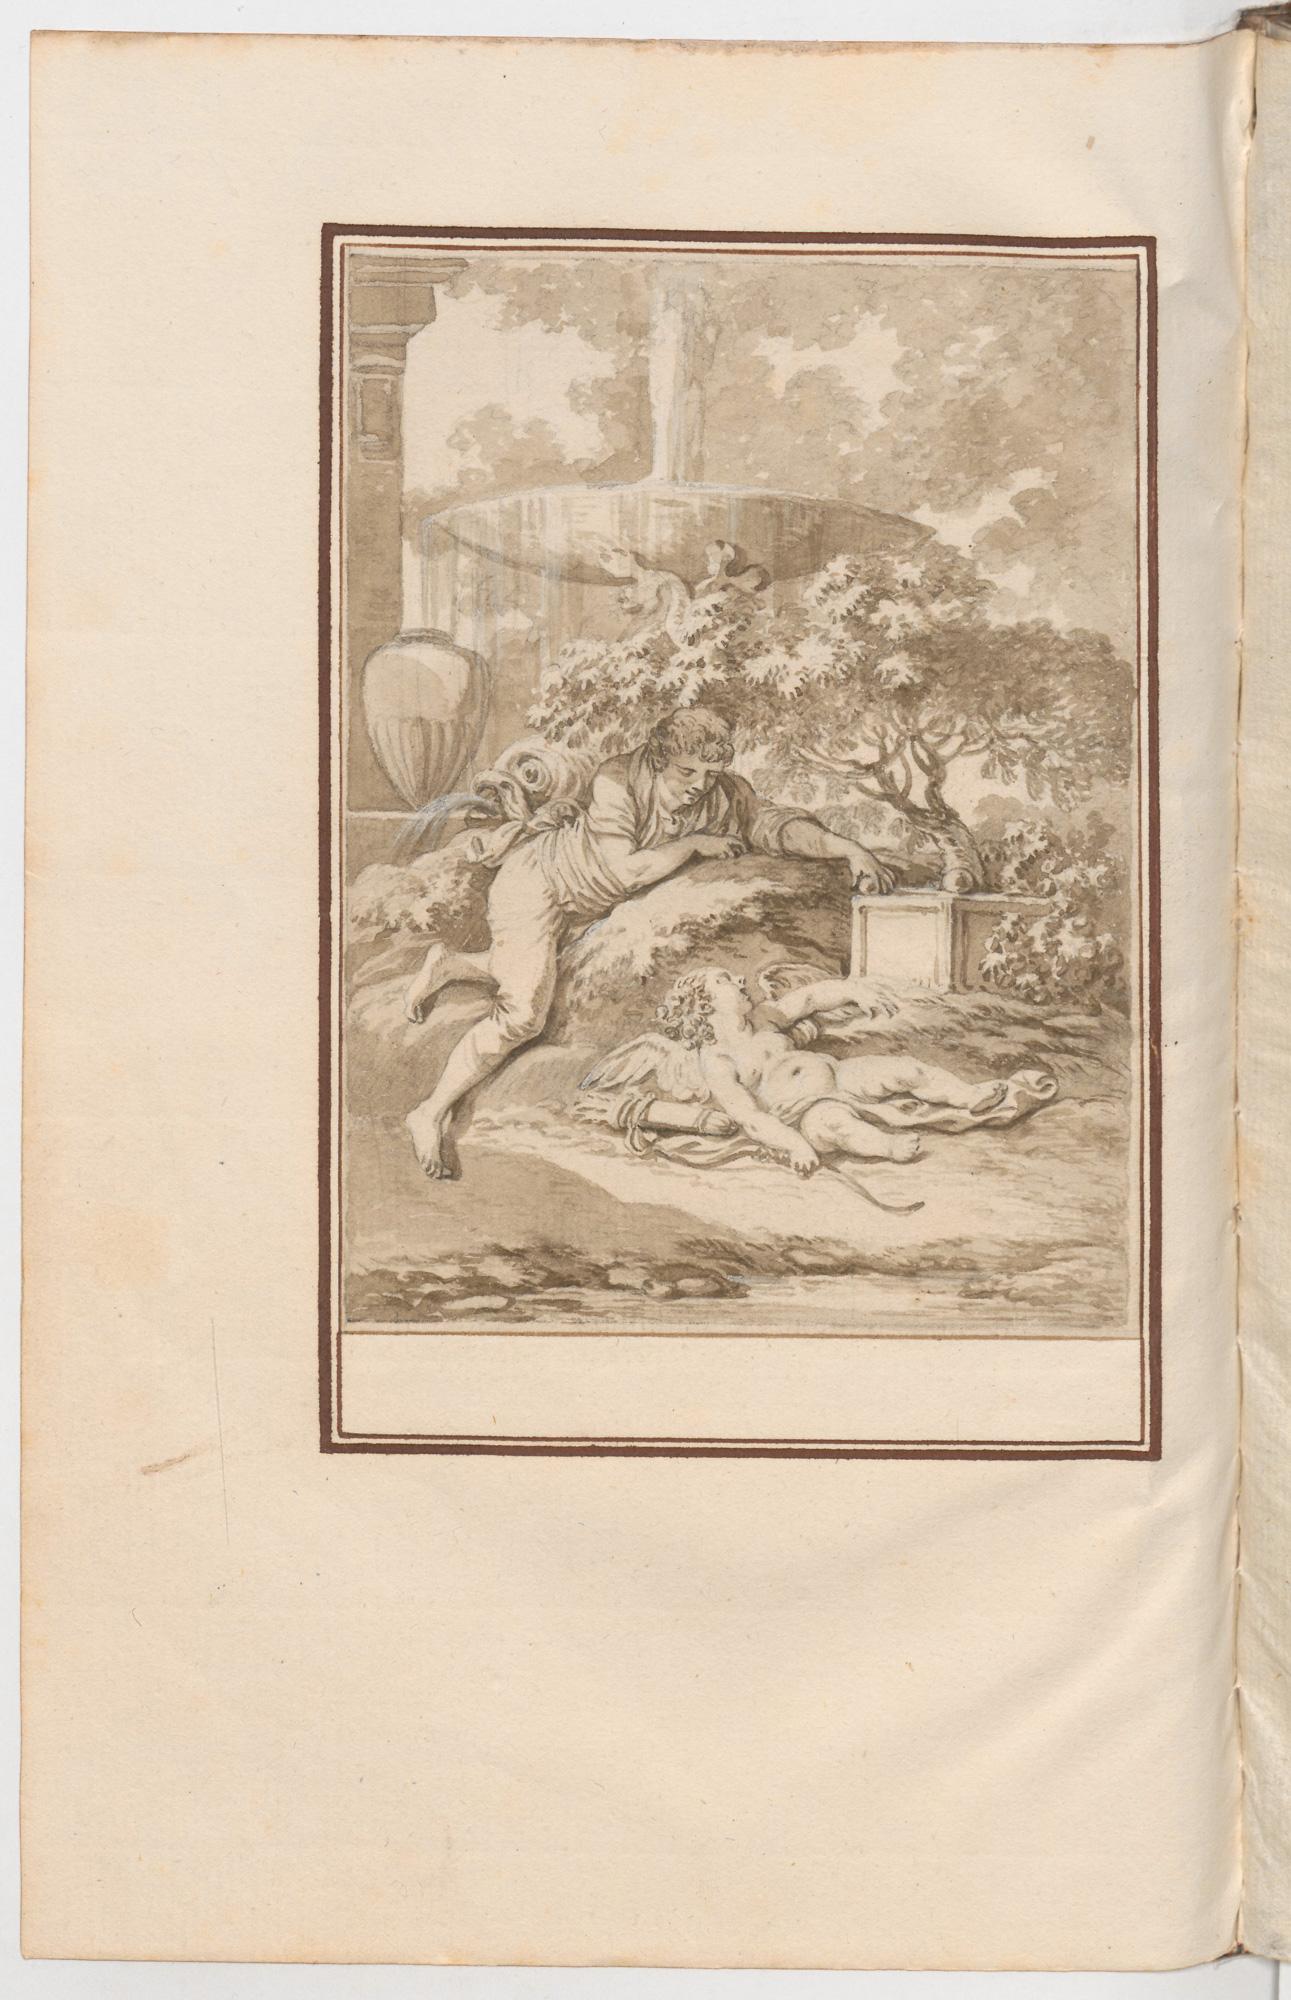 S.4.17 Le sommeil de l'amour, Chantilly, Image